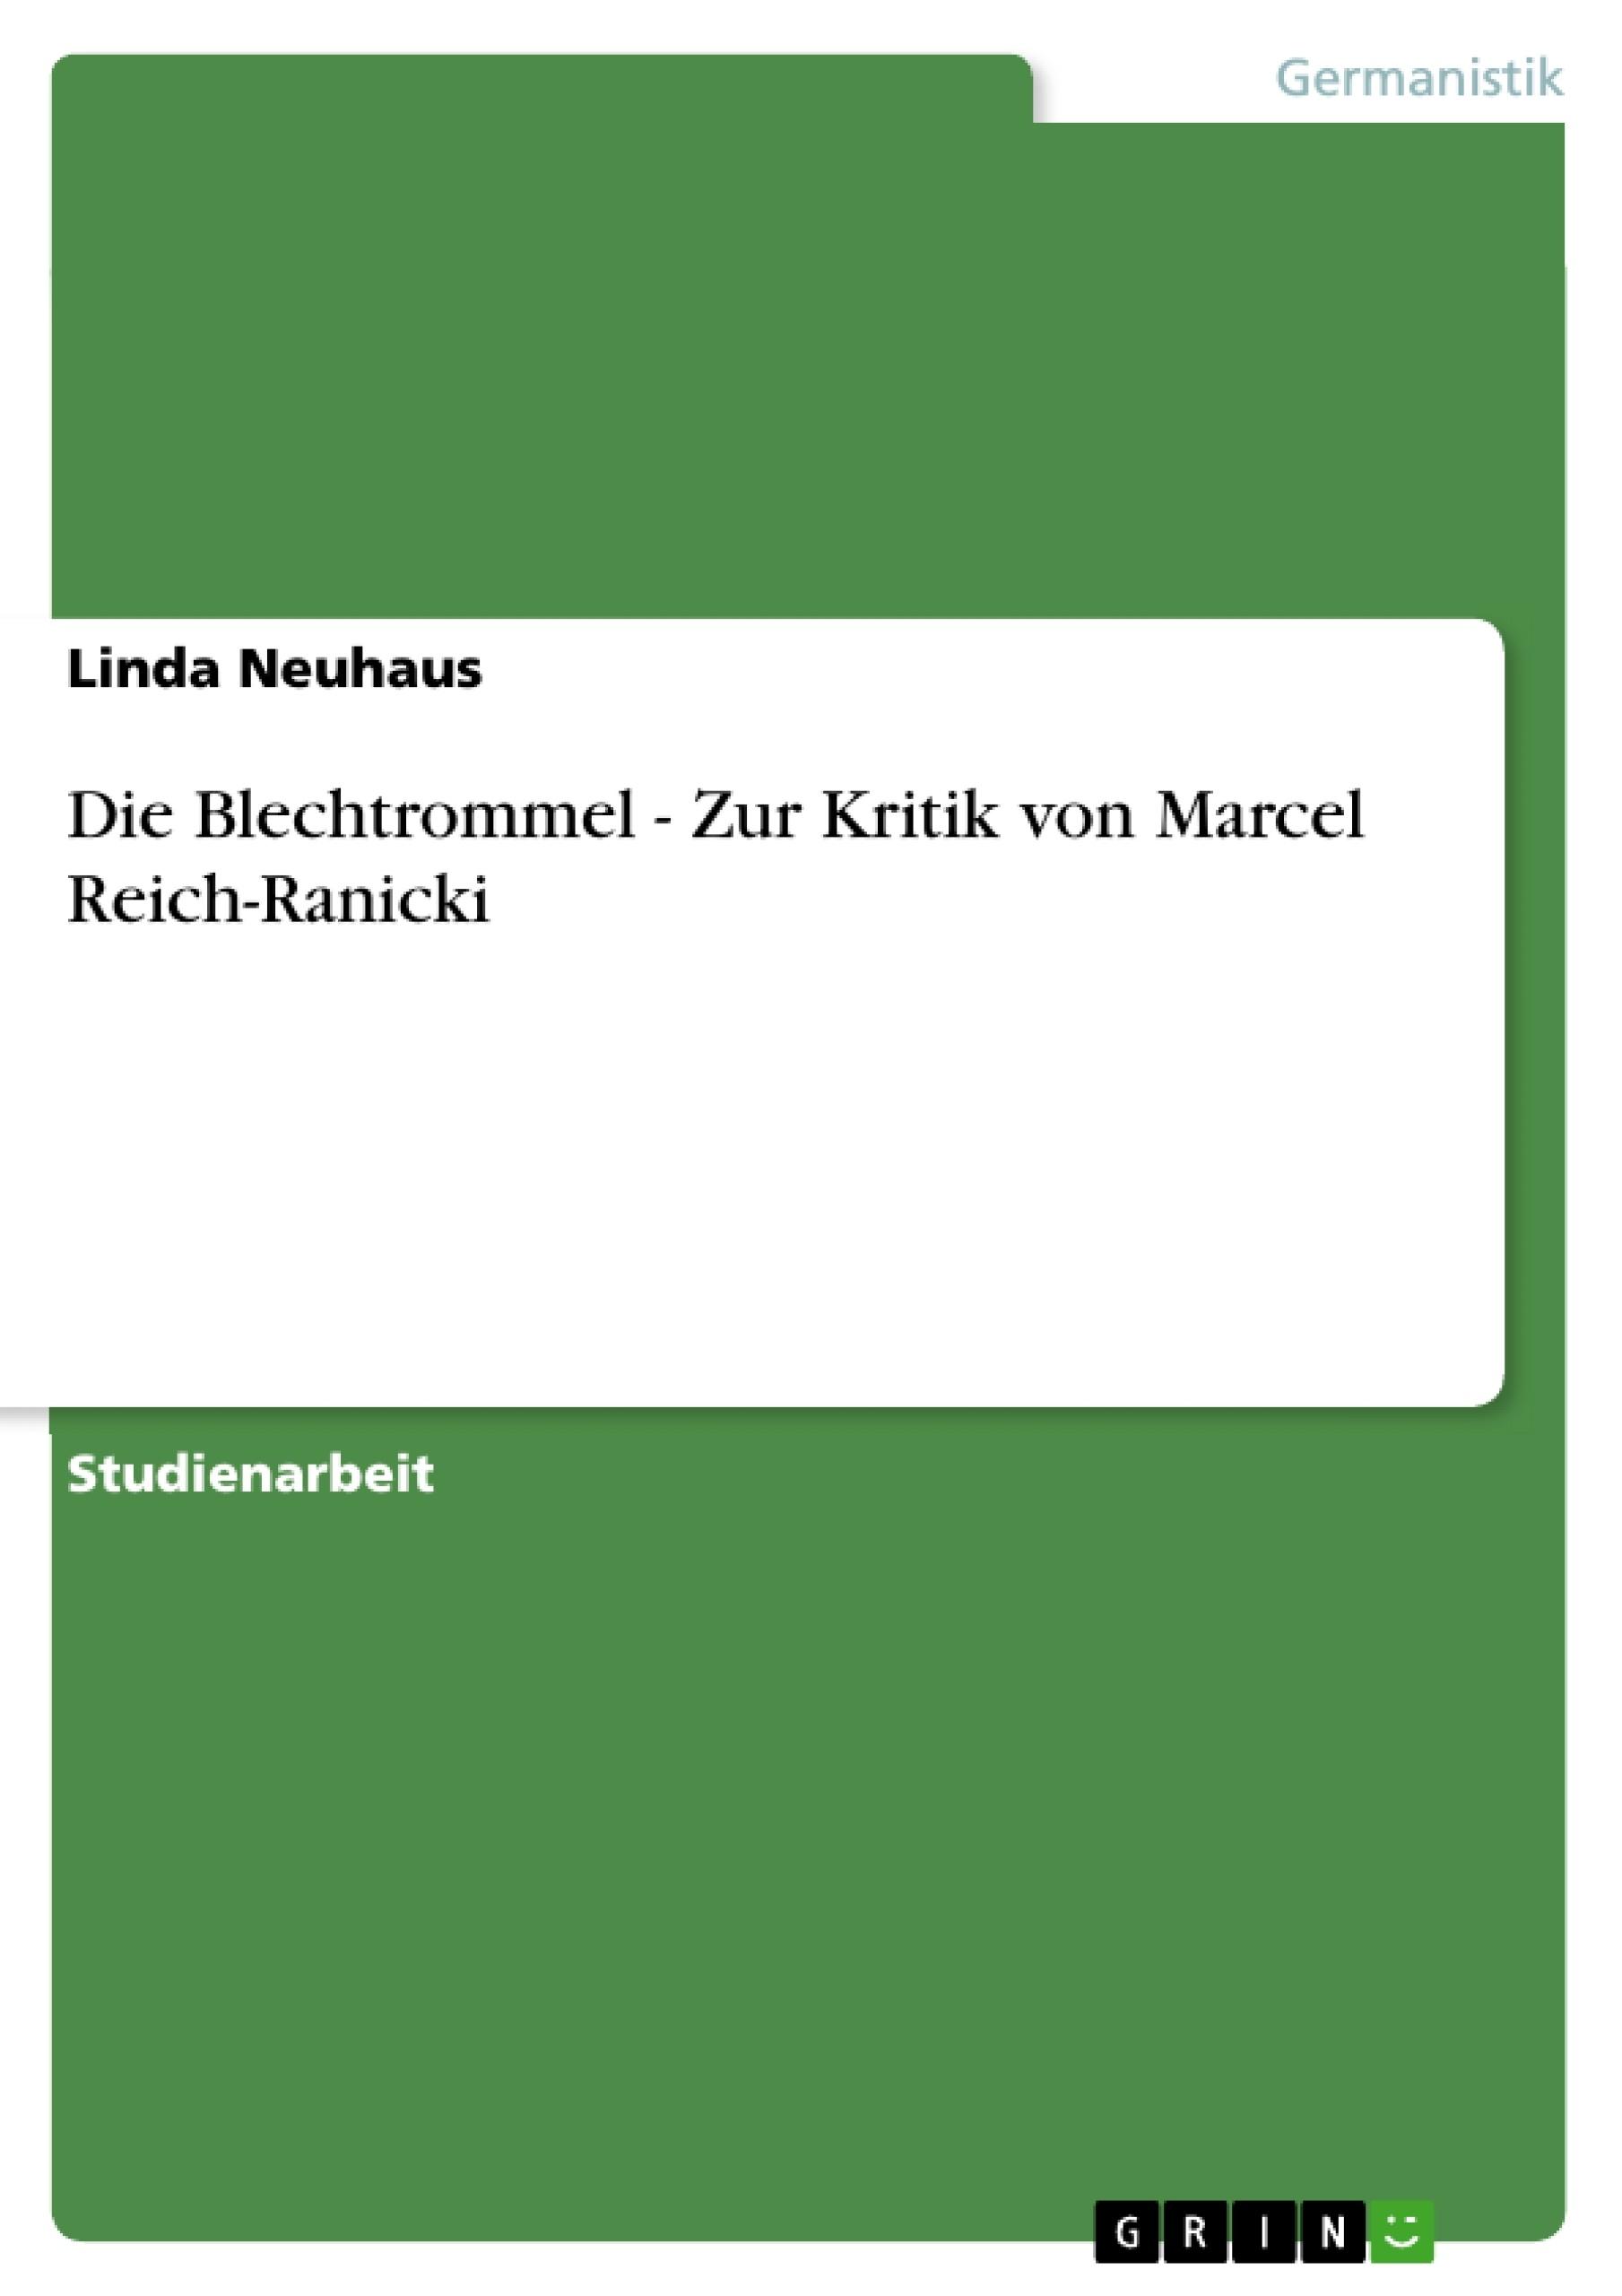 Titel: Die Blechtrommel - Zur Kritik von Marcel Reich-Ranicki